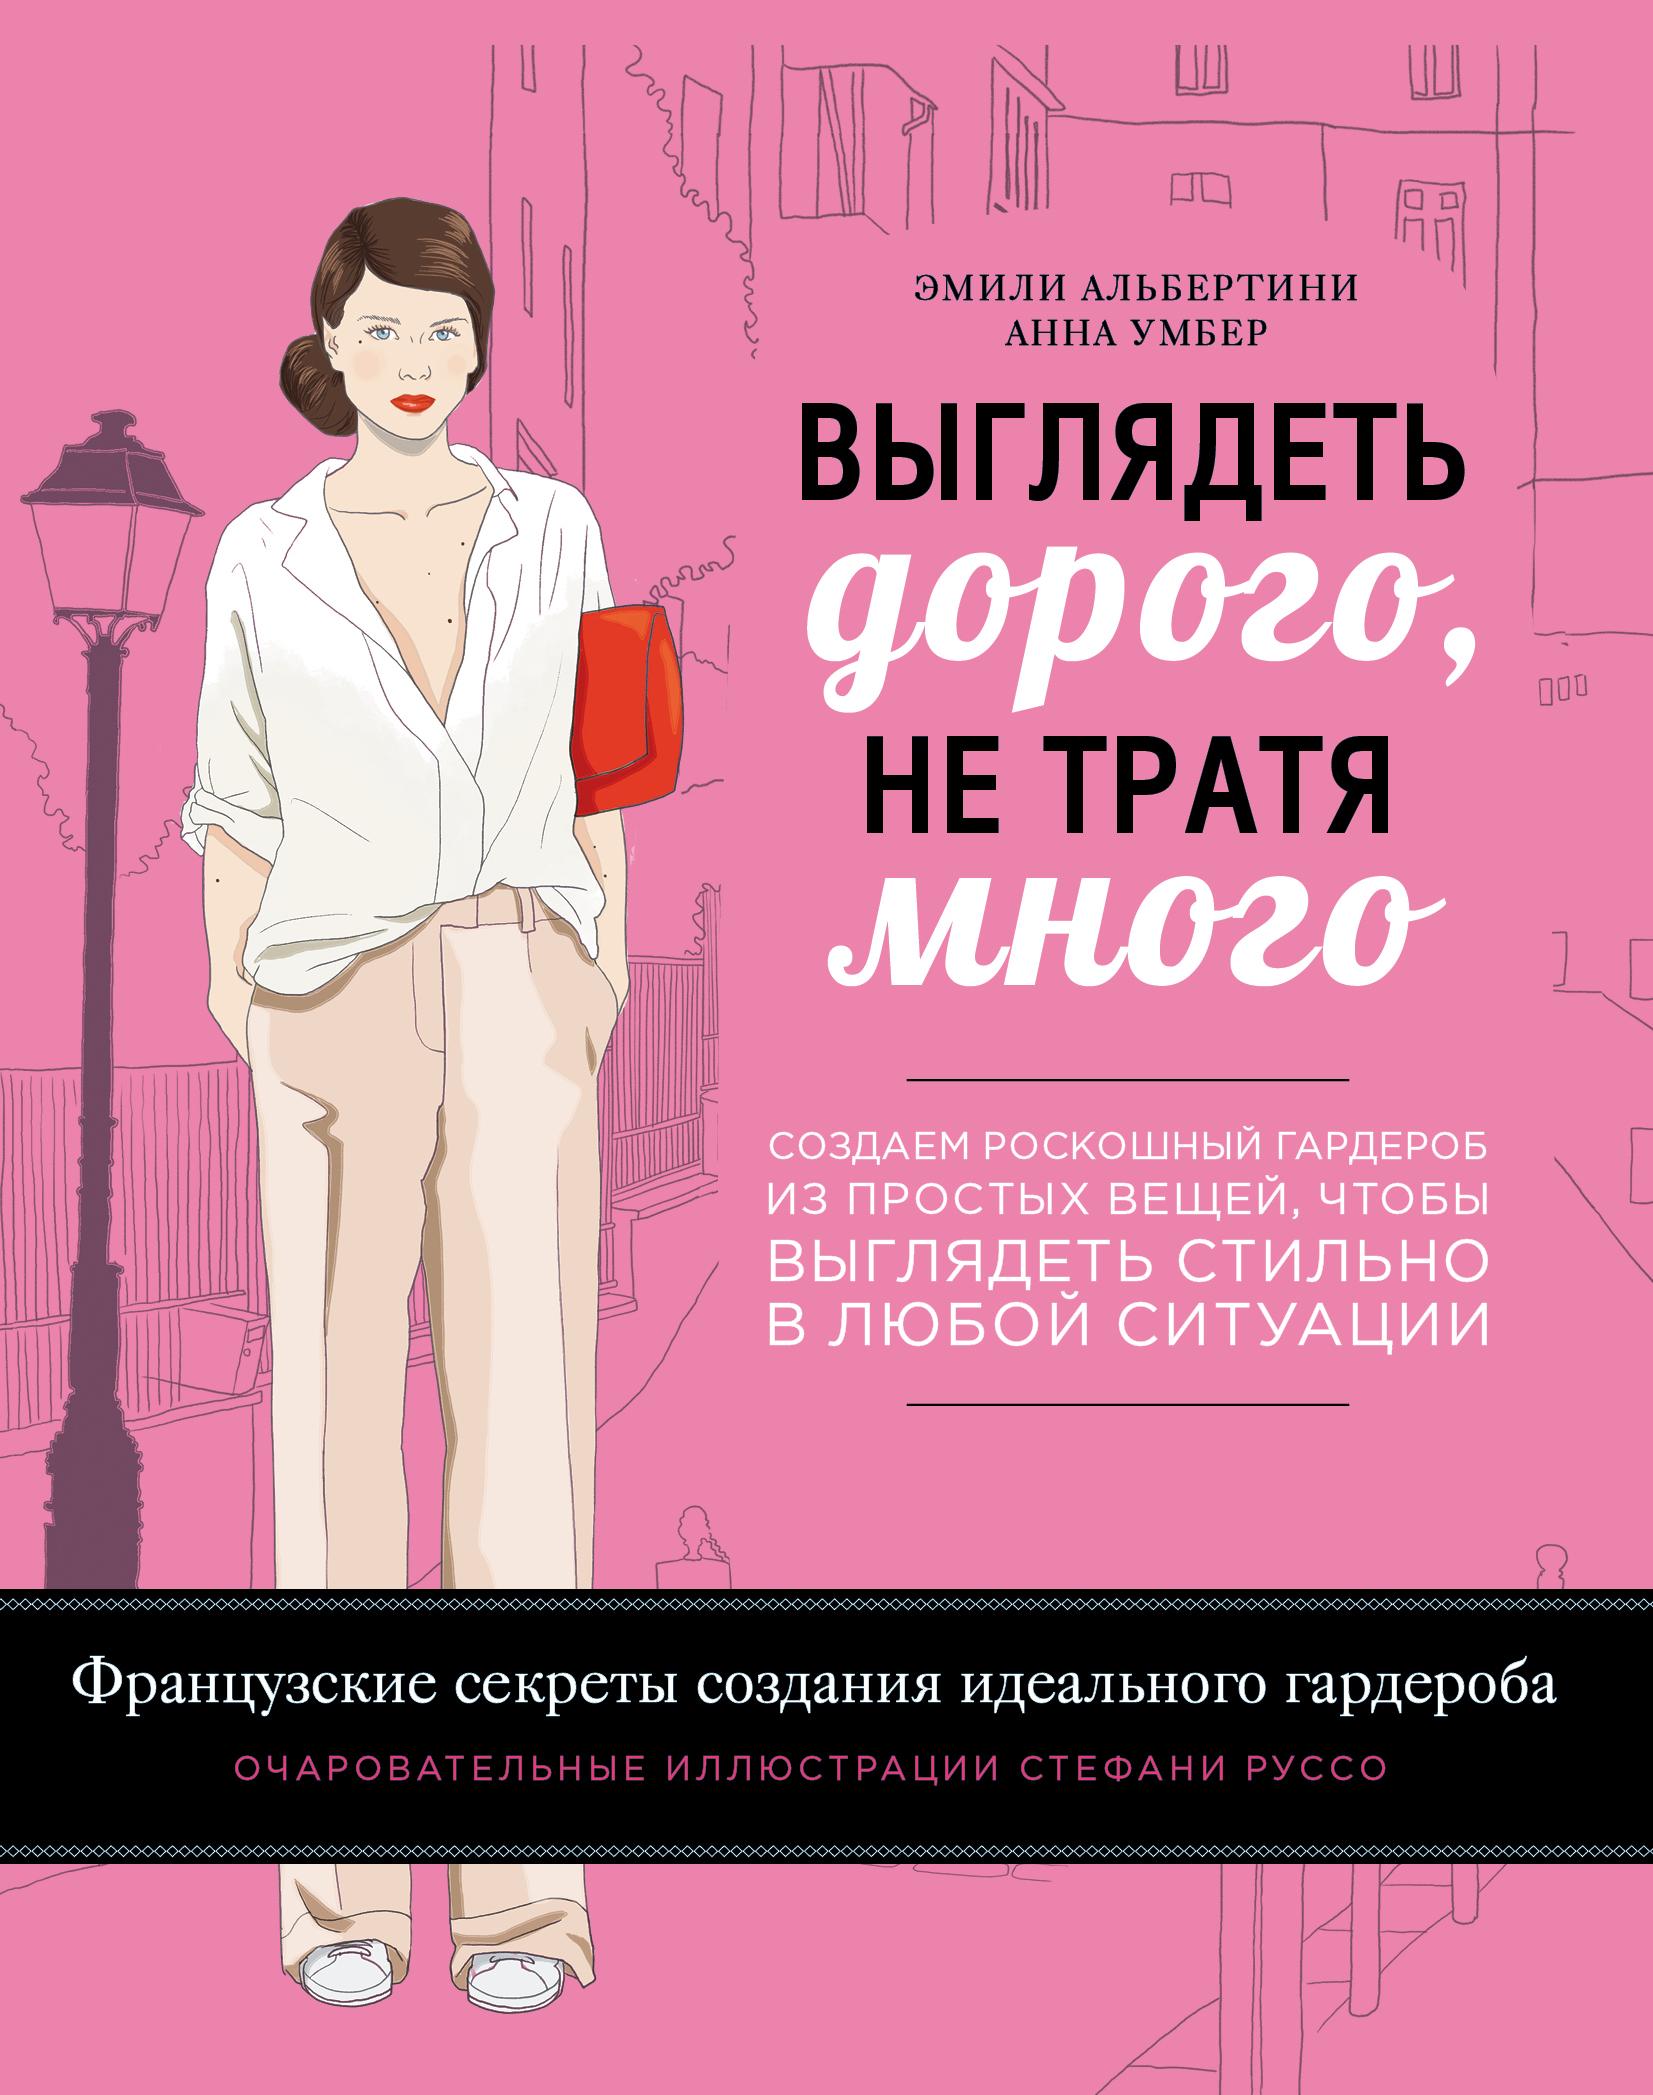 Выглядеть дорого, не тратя много. Создаем роскошный гардероб из простых вещей, чтобы выглядеть стильно в любой ситуации